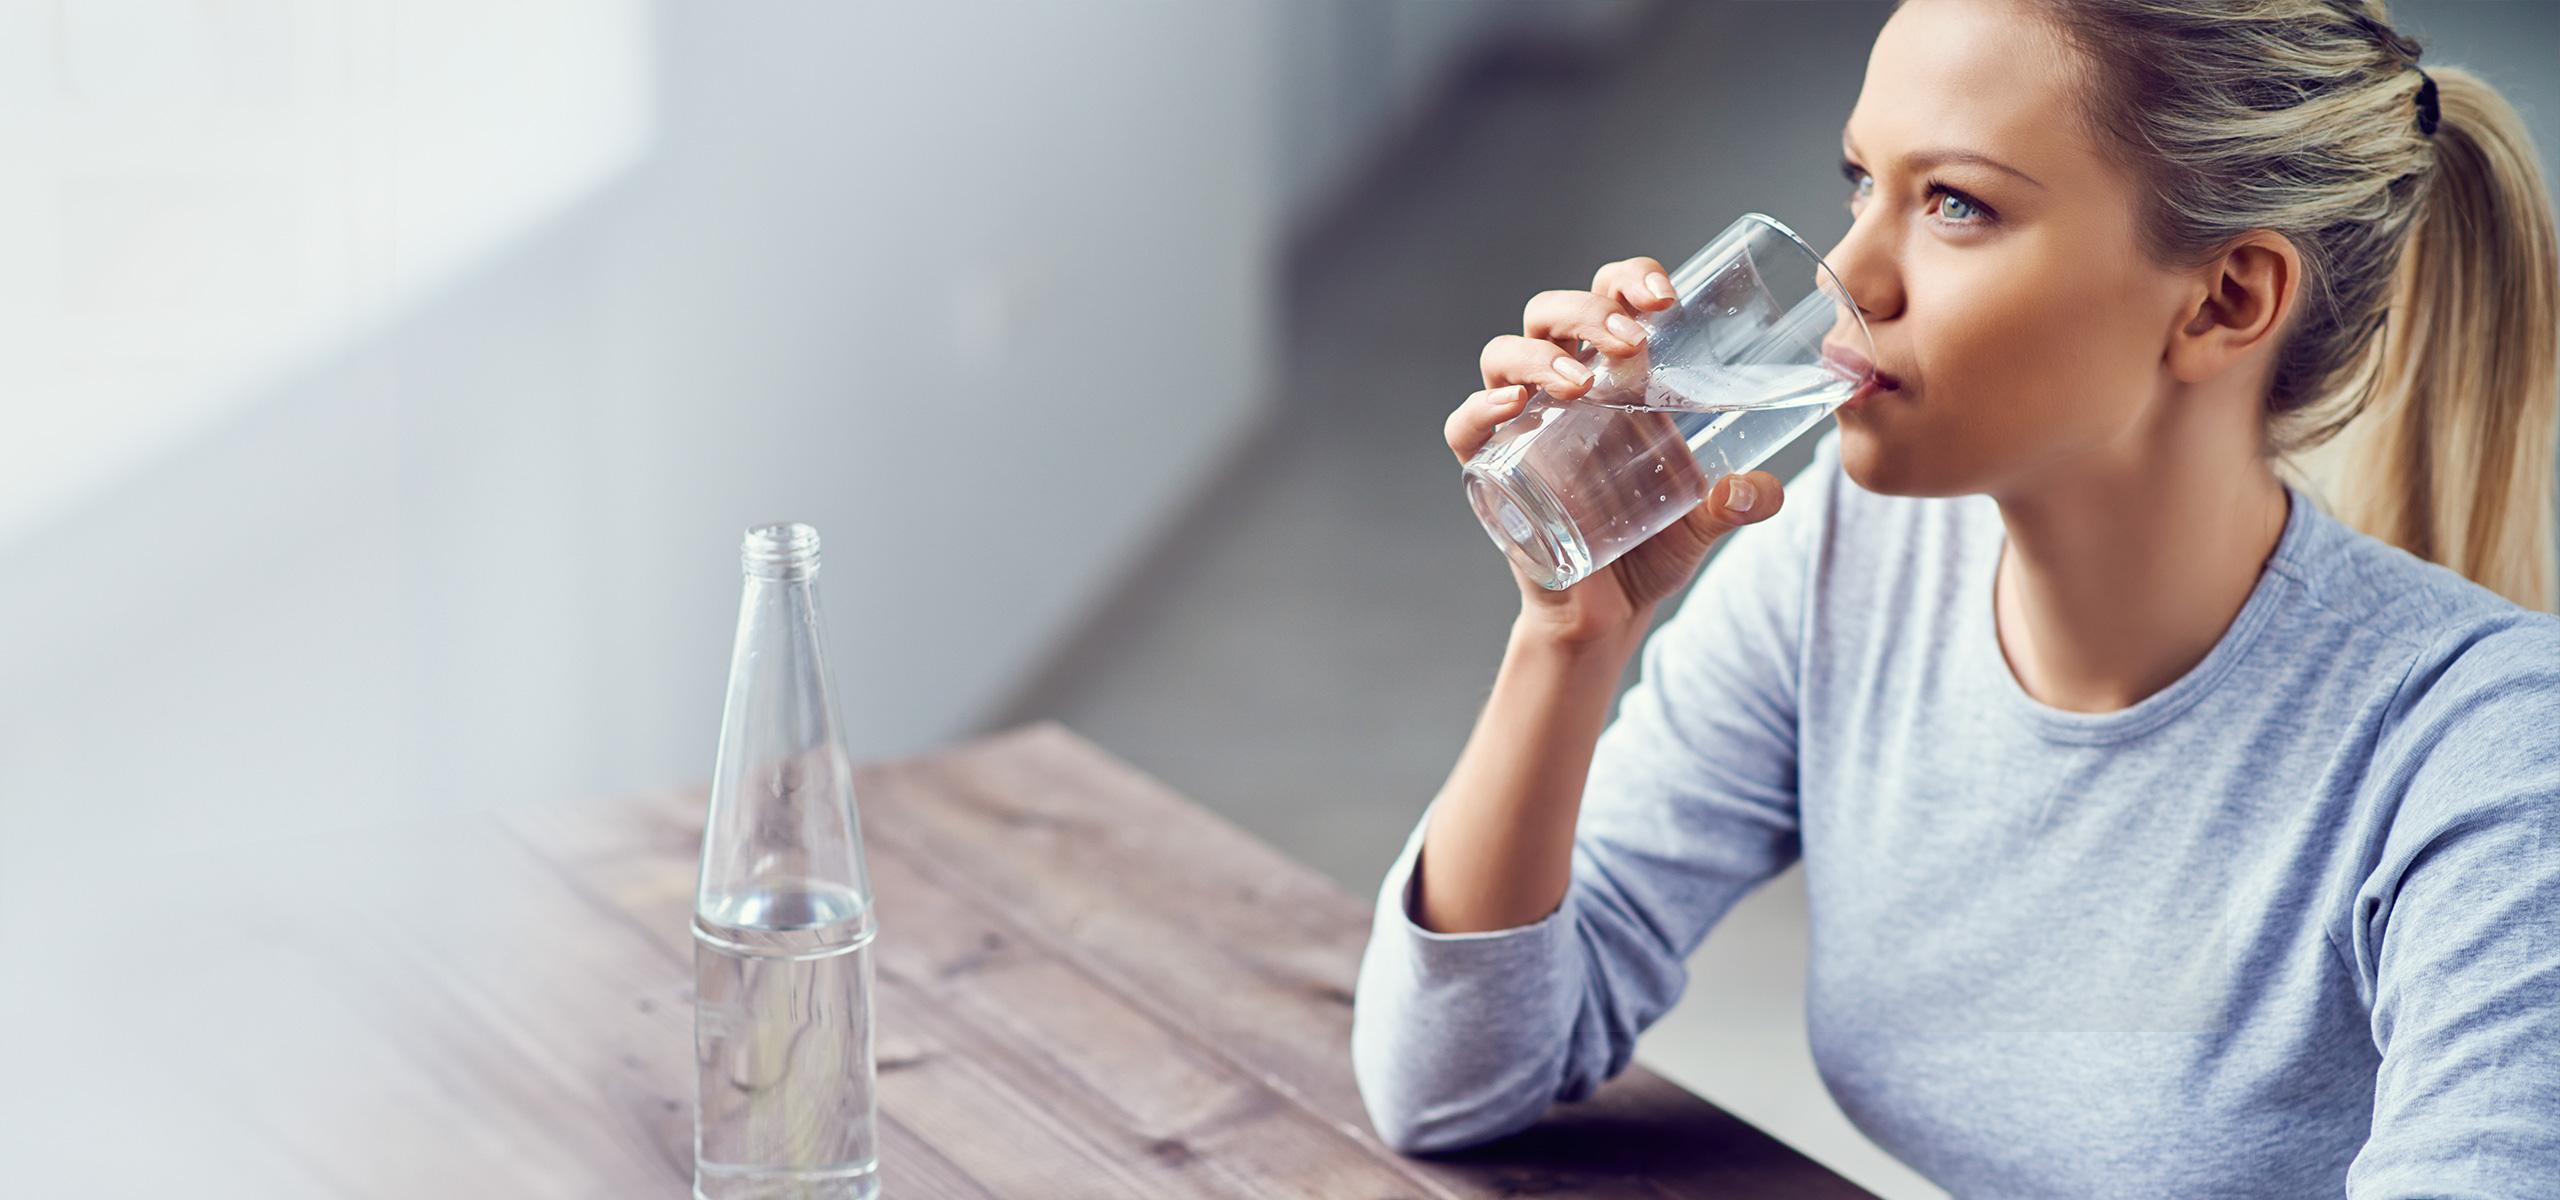 شرب المياه